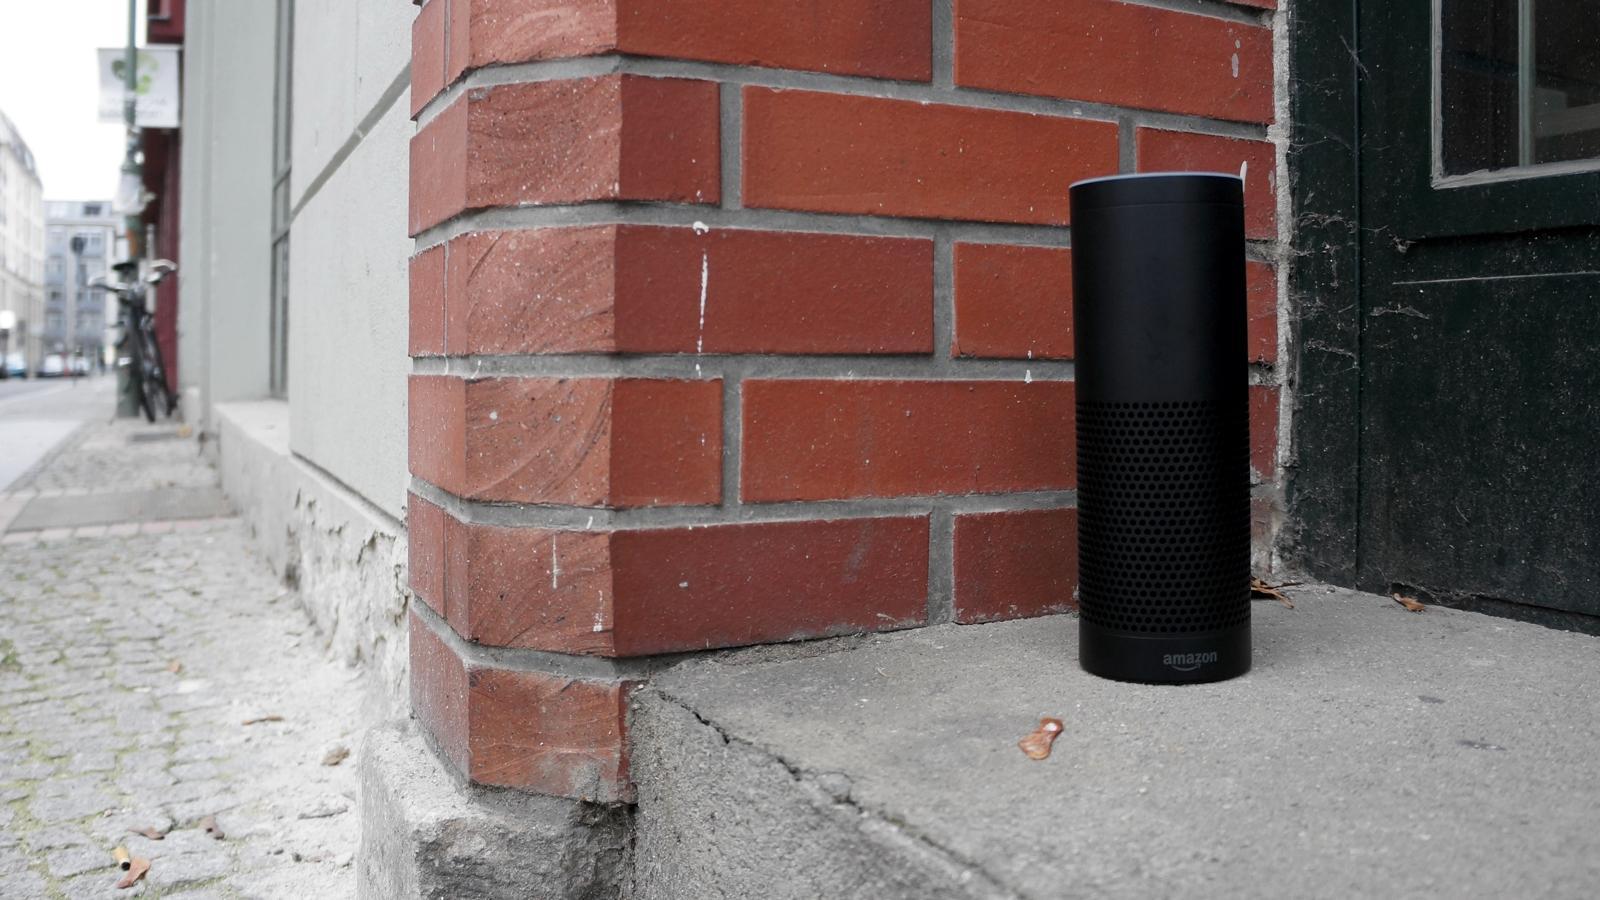 Alexa Halt Die Klappe Vier Wochen Mit Dem Amazon Echo Das Filter